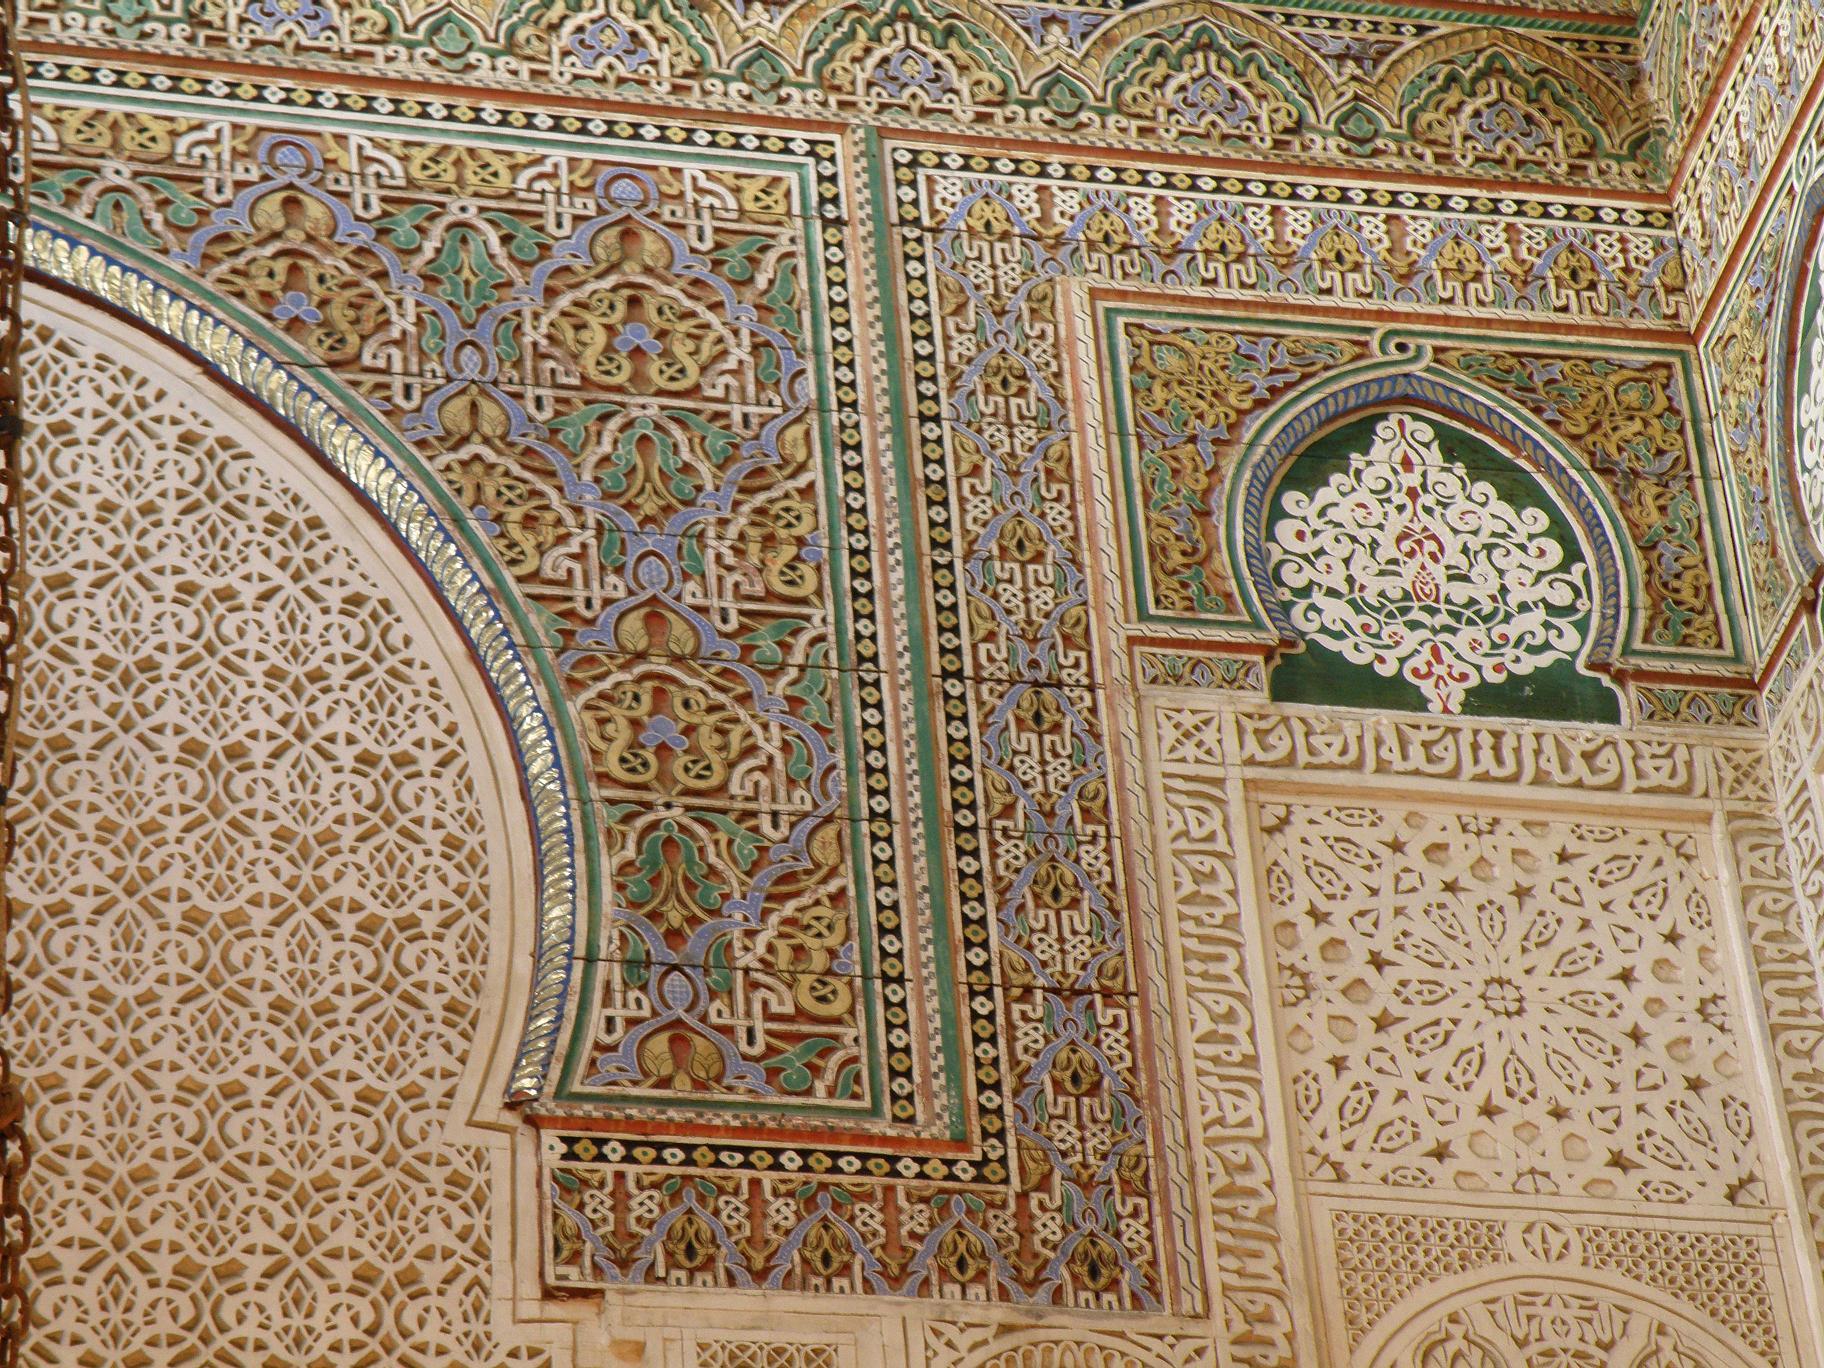 мескита-мозаика-мечети-собора-в-кордове-андалусия-испания.